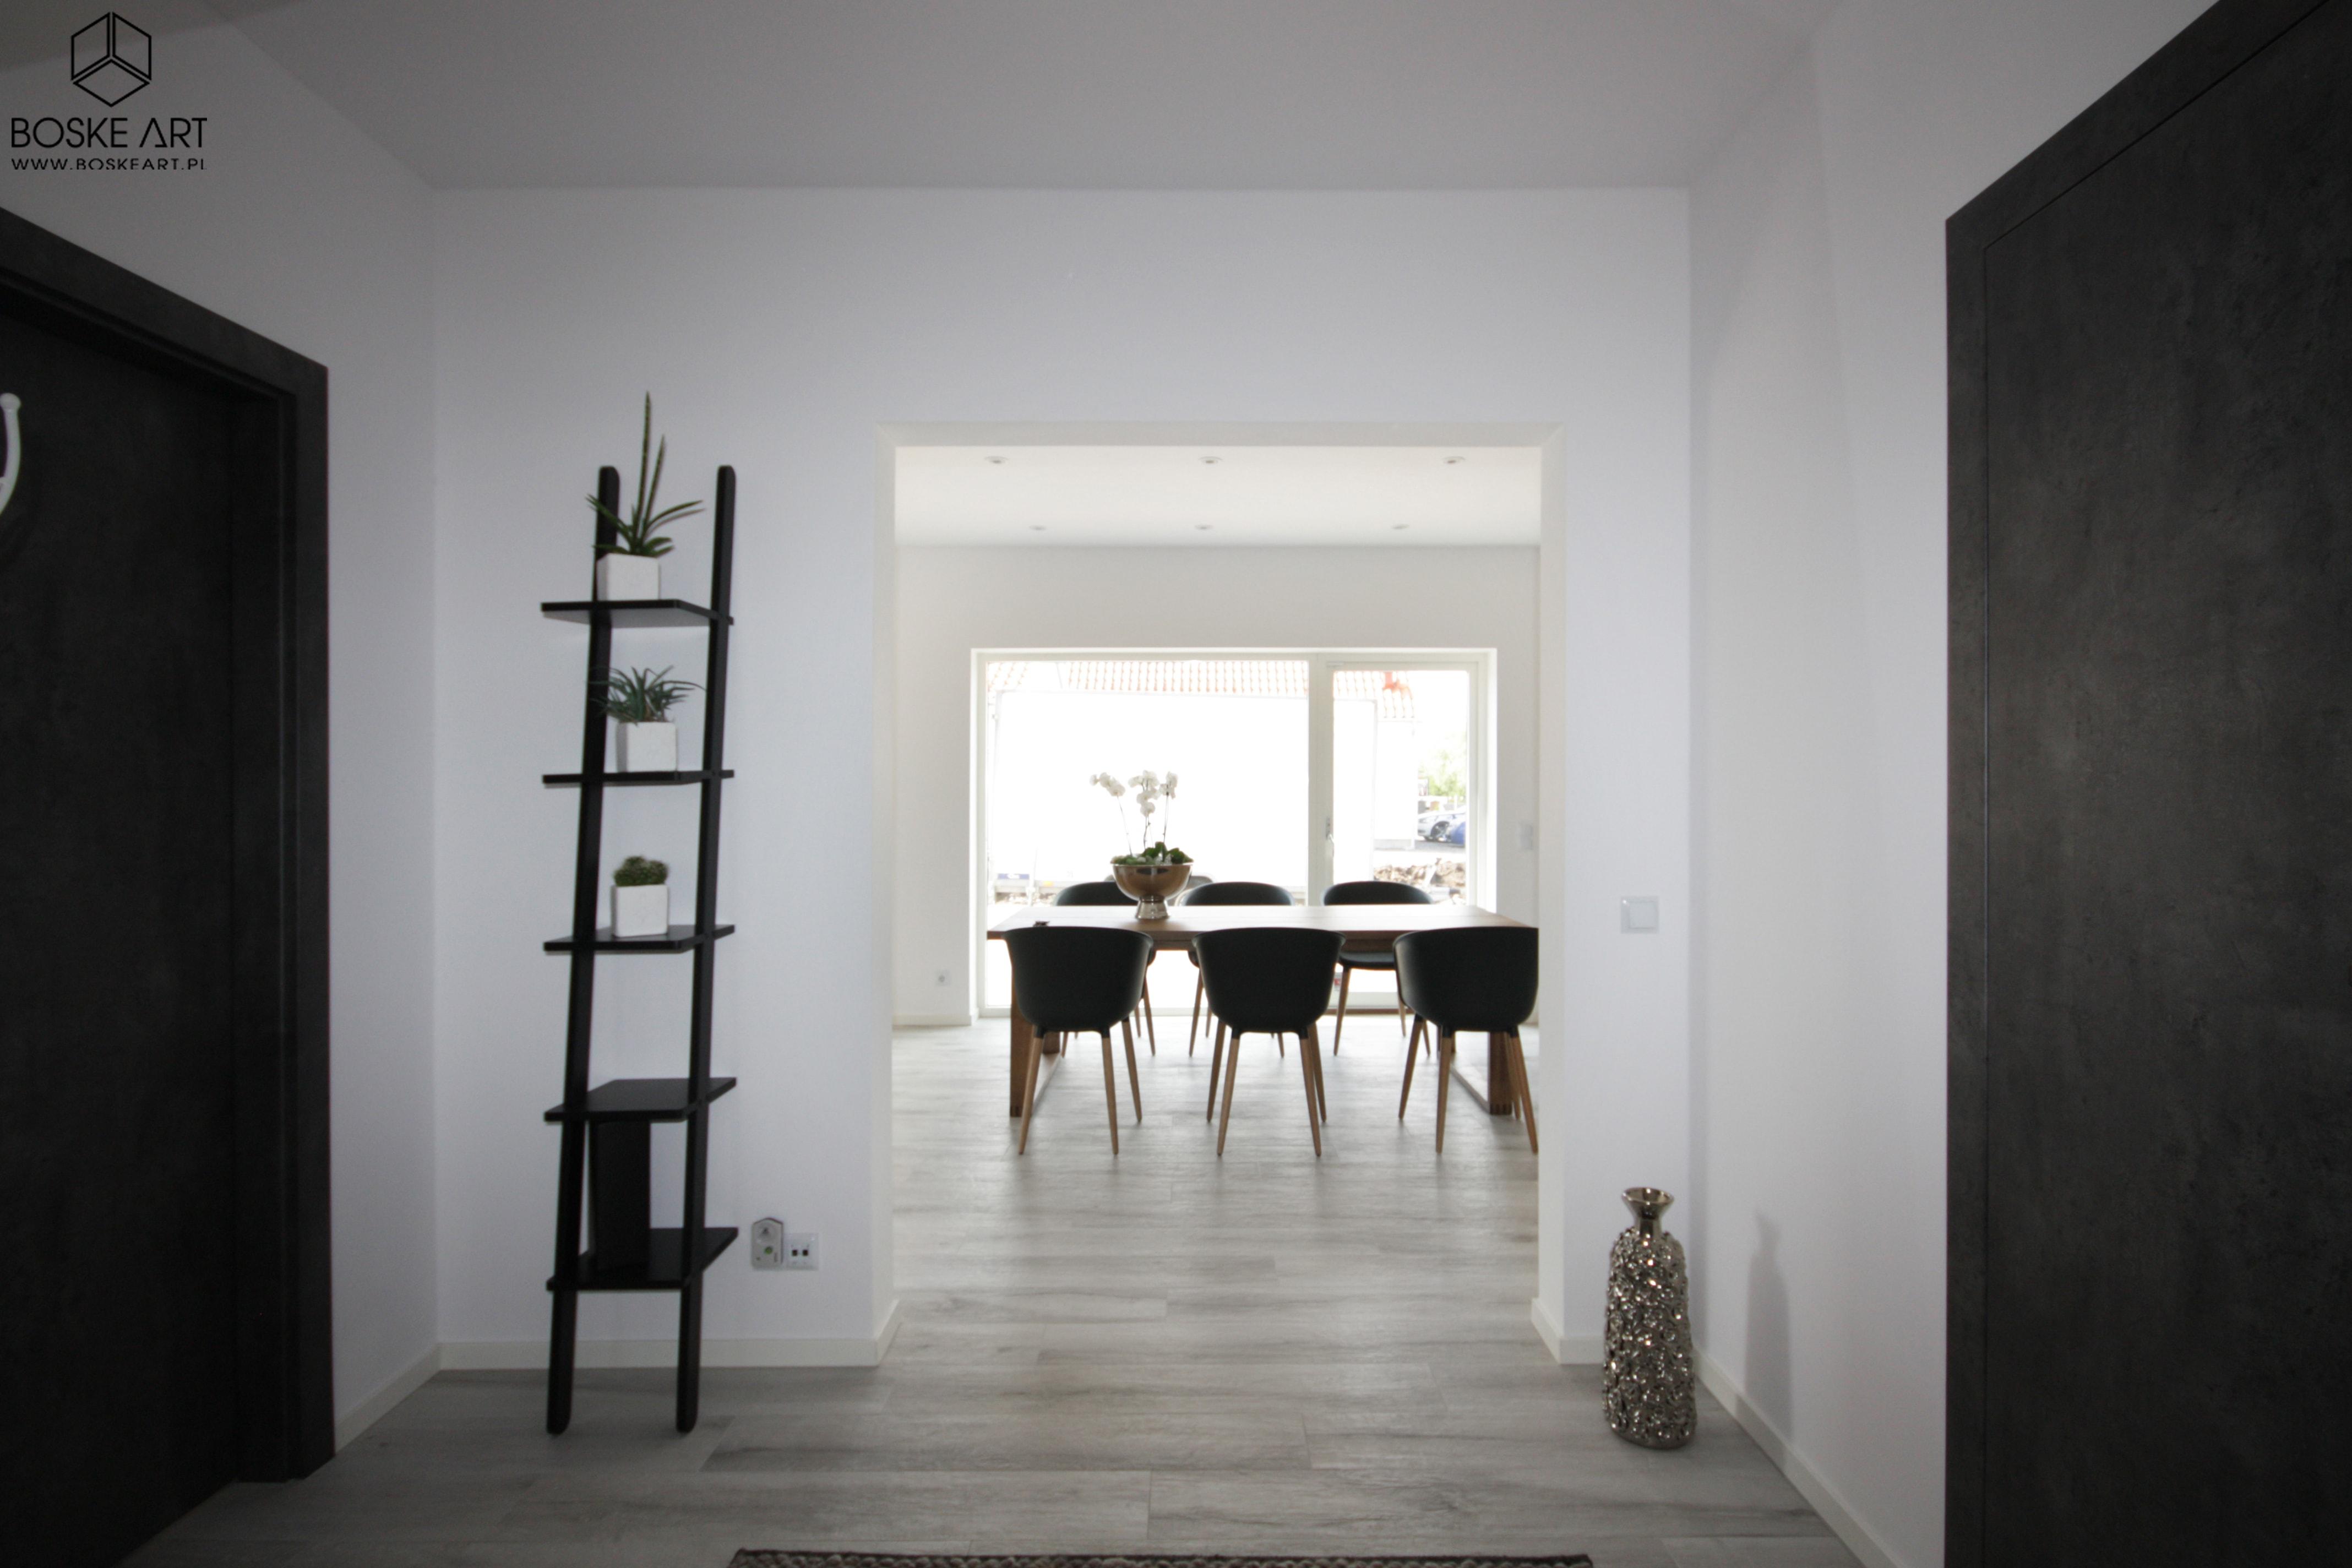 12_dom_poznan_boske_art_projektowanie_wnetrz_aranzacja_architektura_natalia_robaszkiewicz-min